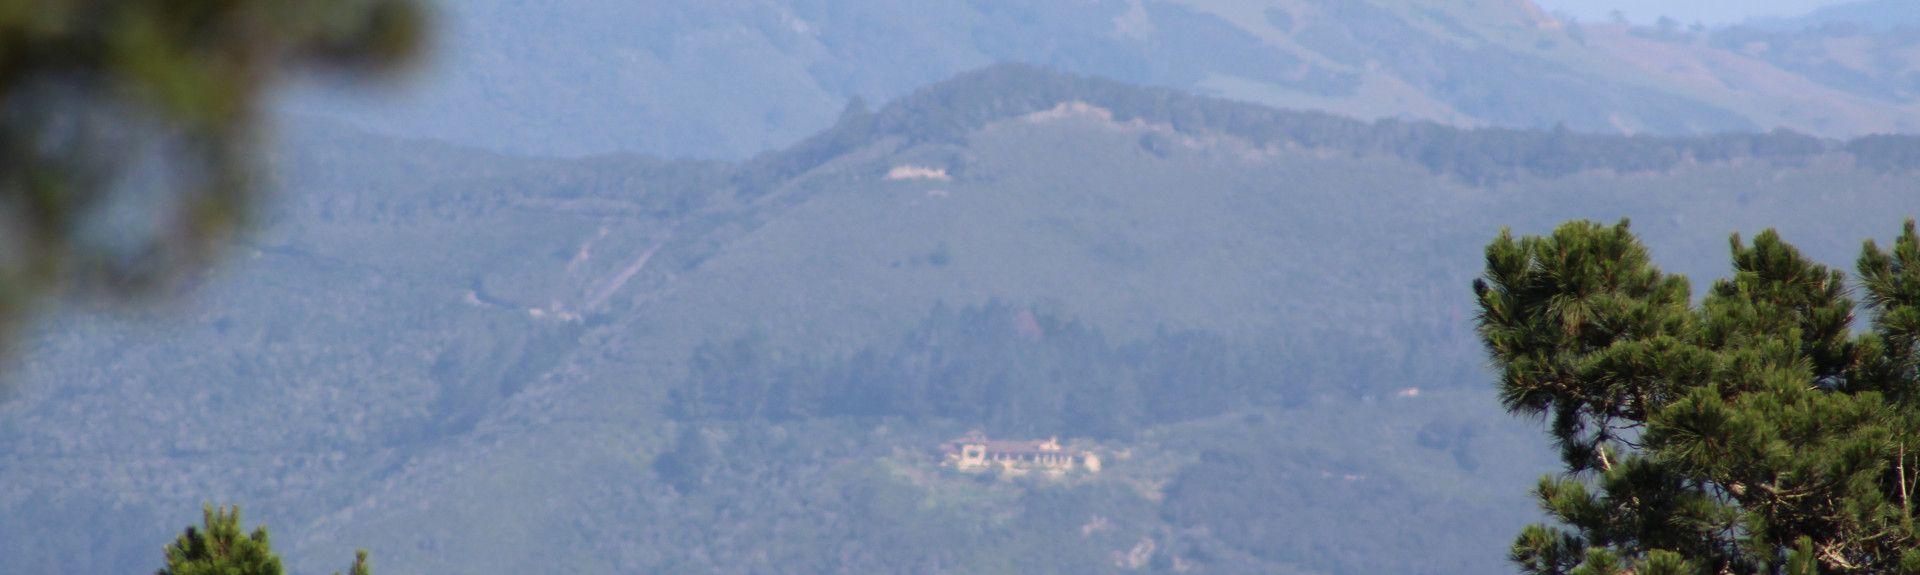 Corral de Tierra, Salinas, California, USA